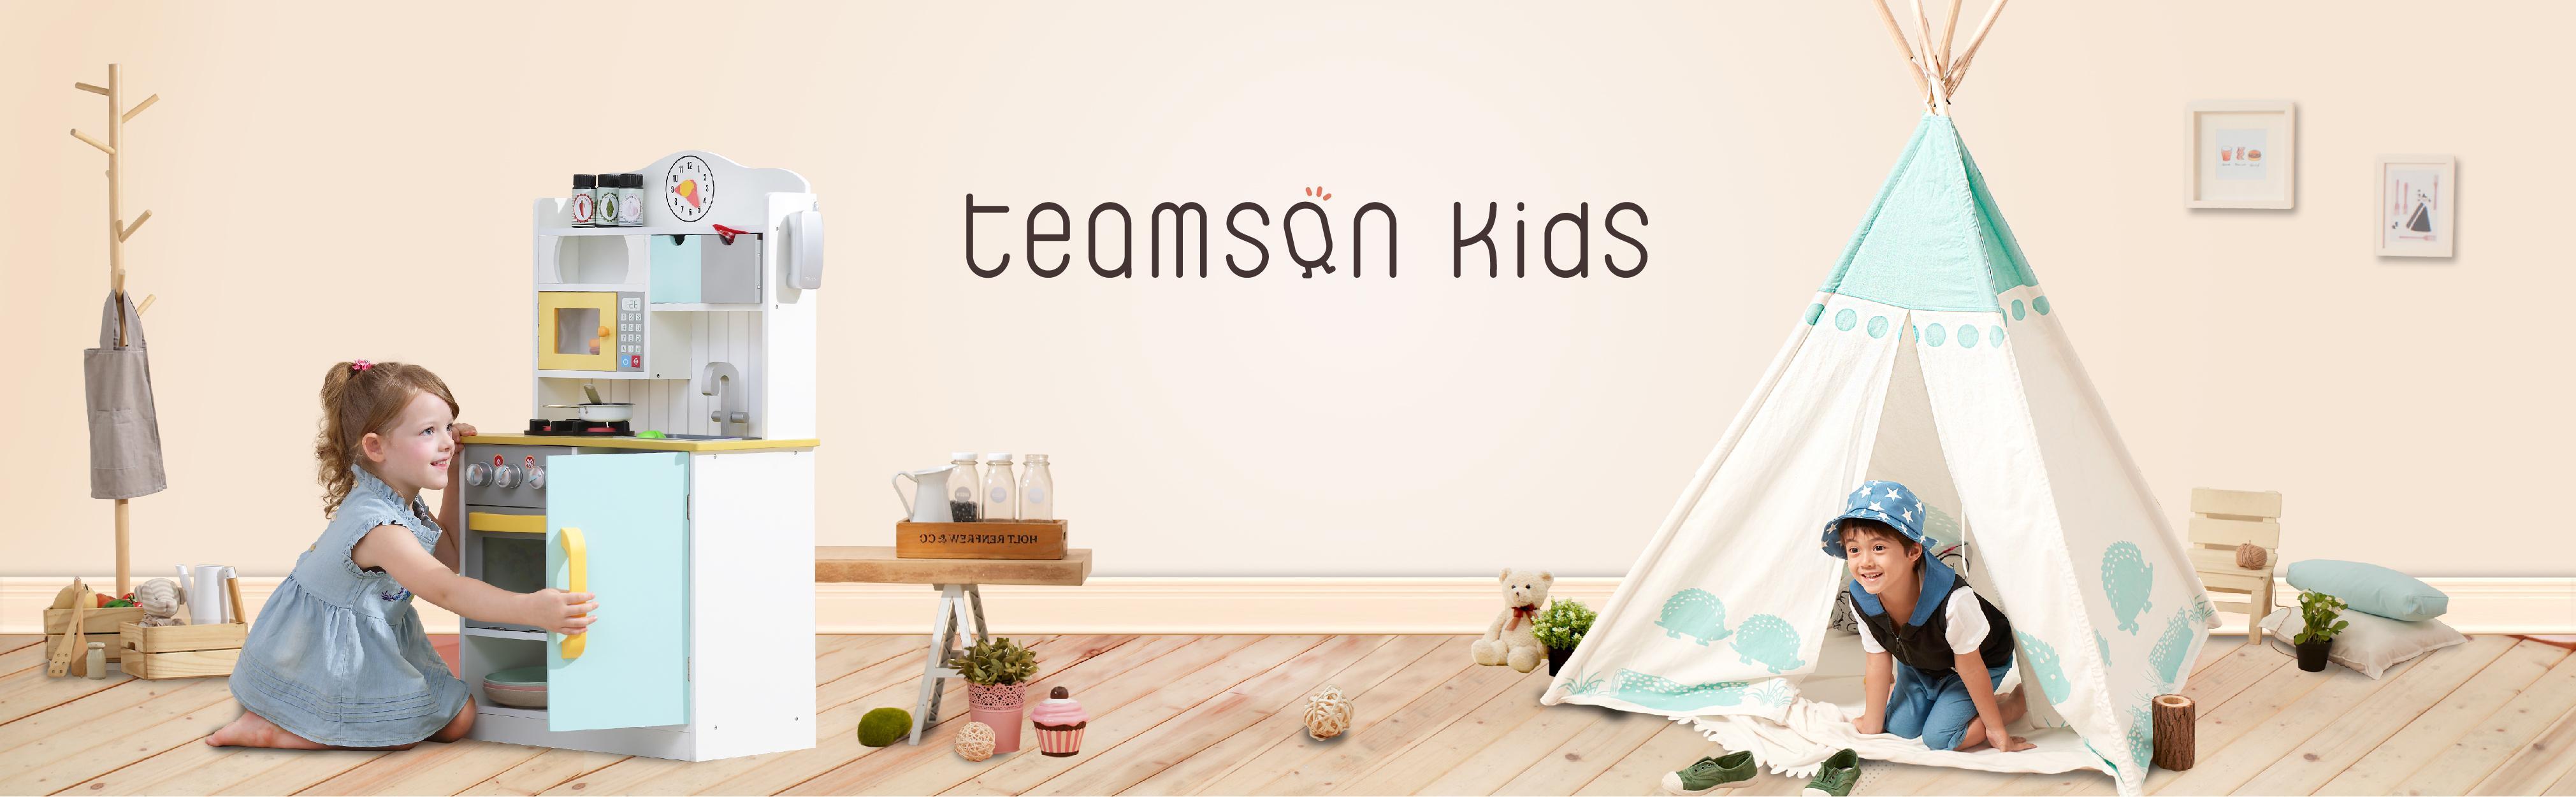 Amazon.com: Teamson Kids Wooden Retro Play Kitchen: Toys & Games